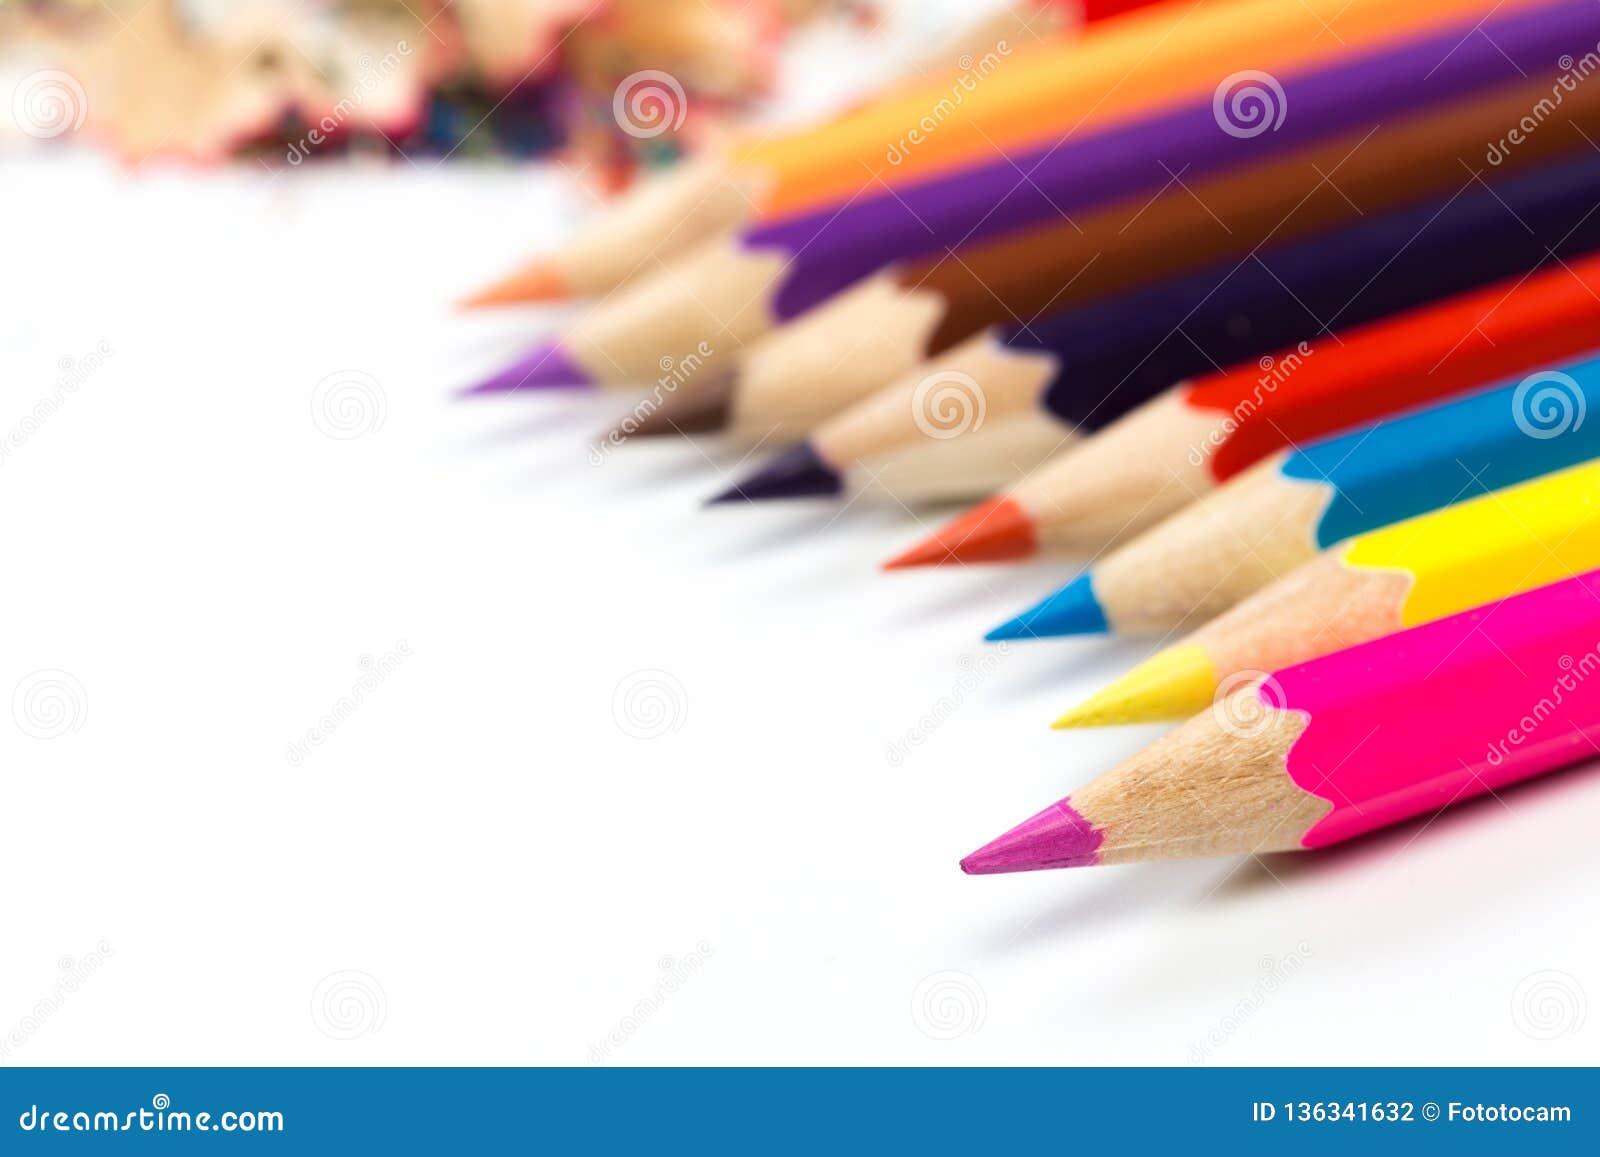 Farbige Bleistifte und Schnitzel mit Bleistiften Bleistiftspitzer von Bleistiften auf einem weißen Hintergrund